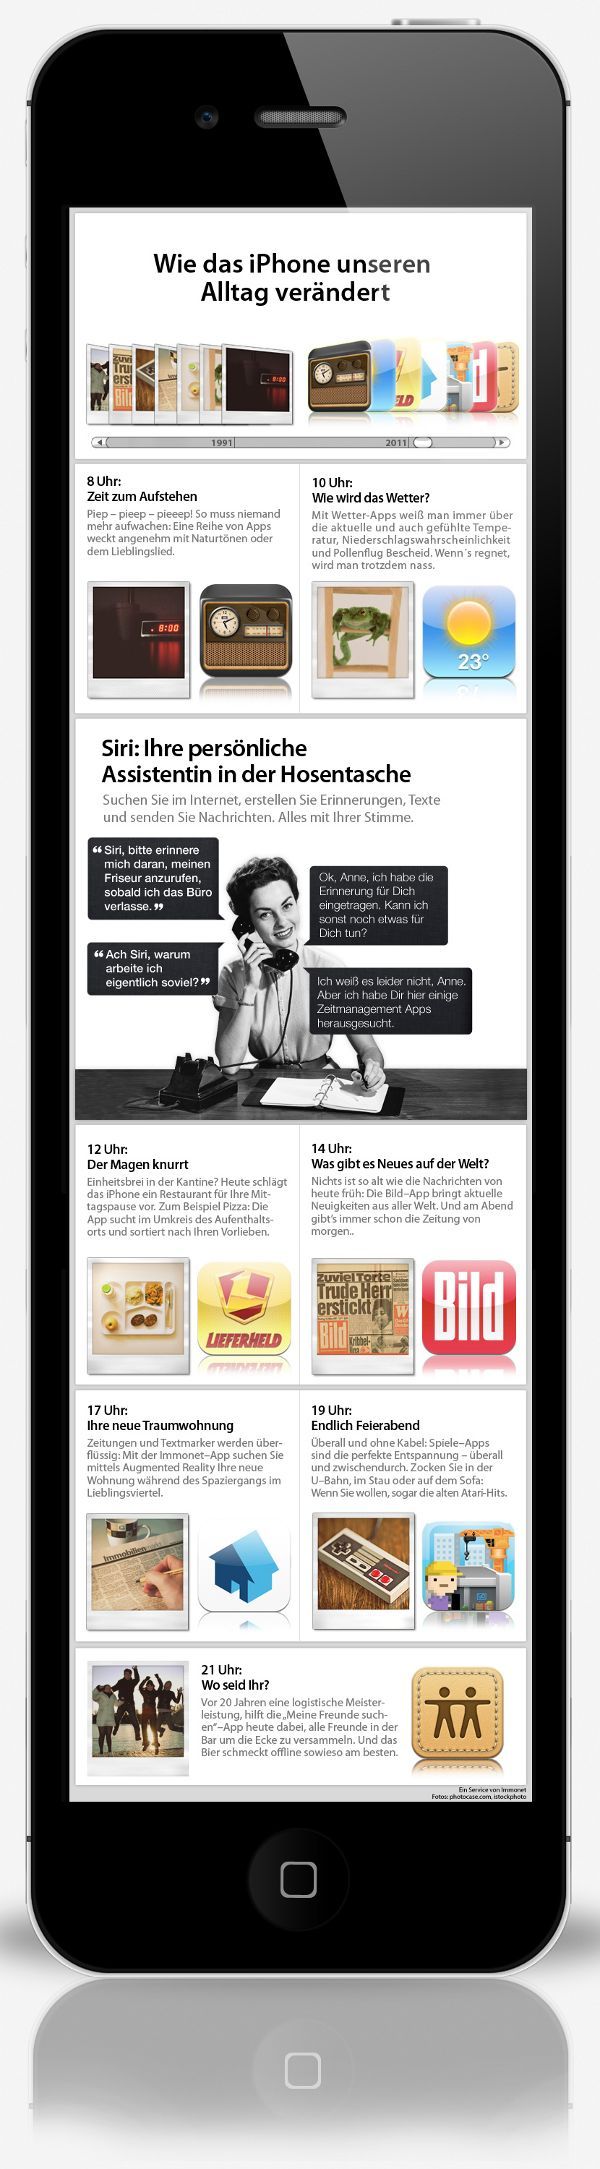 Wie das iPhone unseren Alltag verändert: http://www.immonet.de/service/infografik-iphone4s.html #immonet hat die Tipps